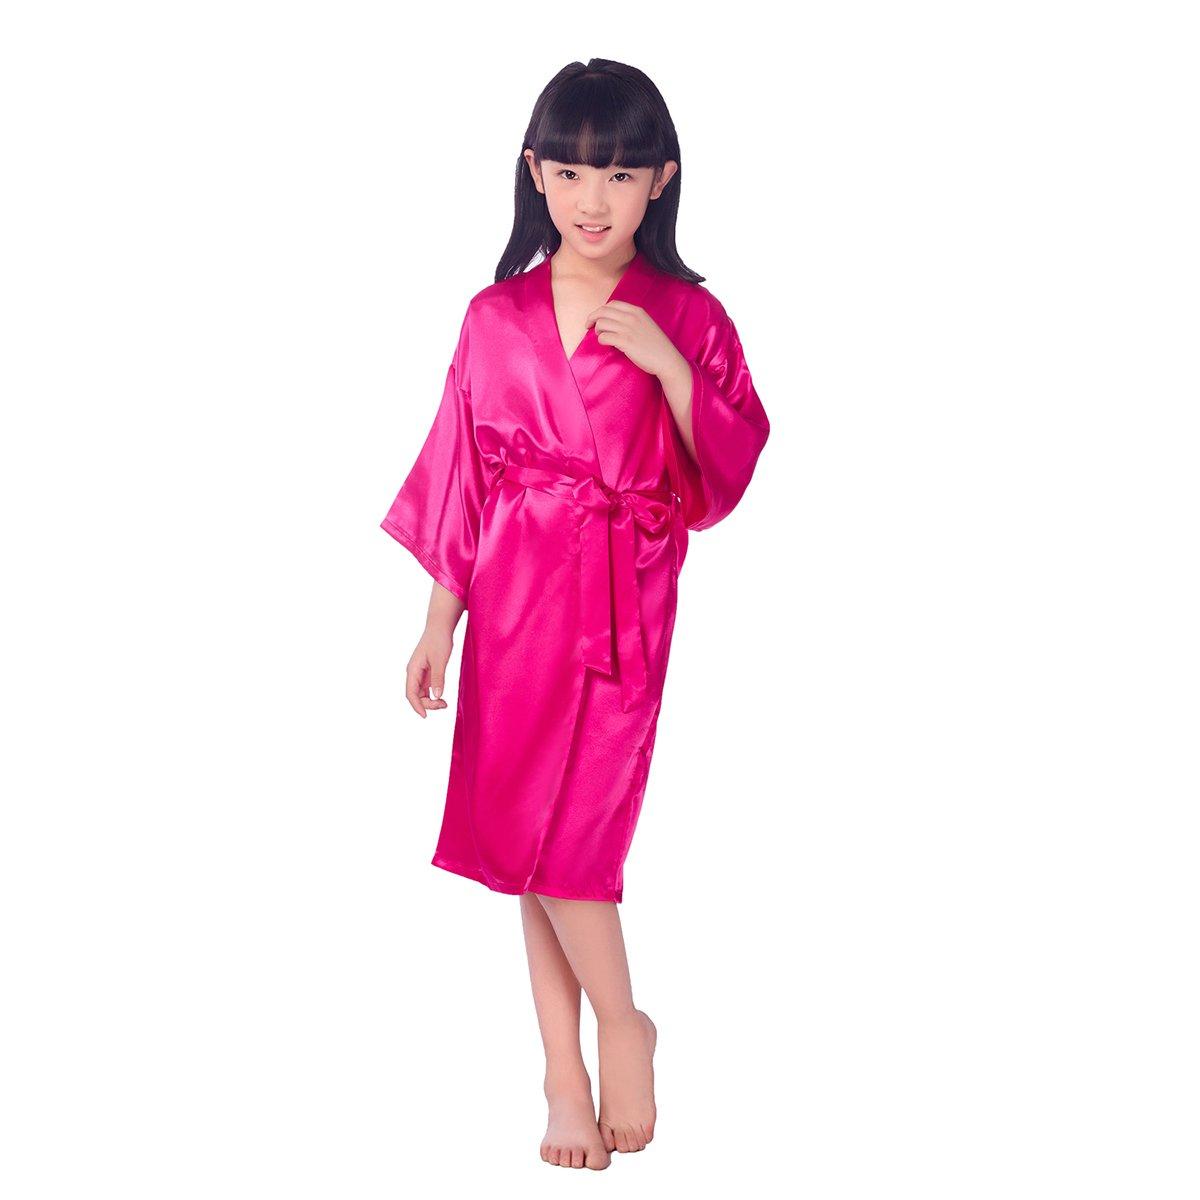 Rose Red LUOEM Kids Satin Robe Kimono Robe Spa Stain Bathrobe Nightgown for Party Birthday Size 8